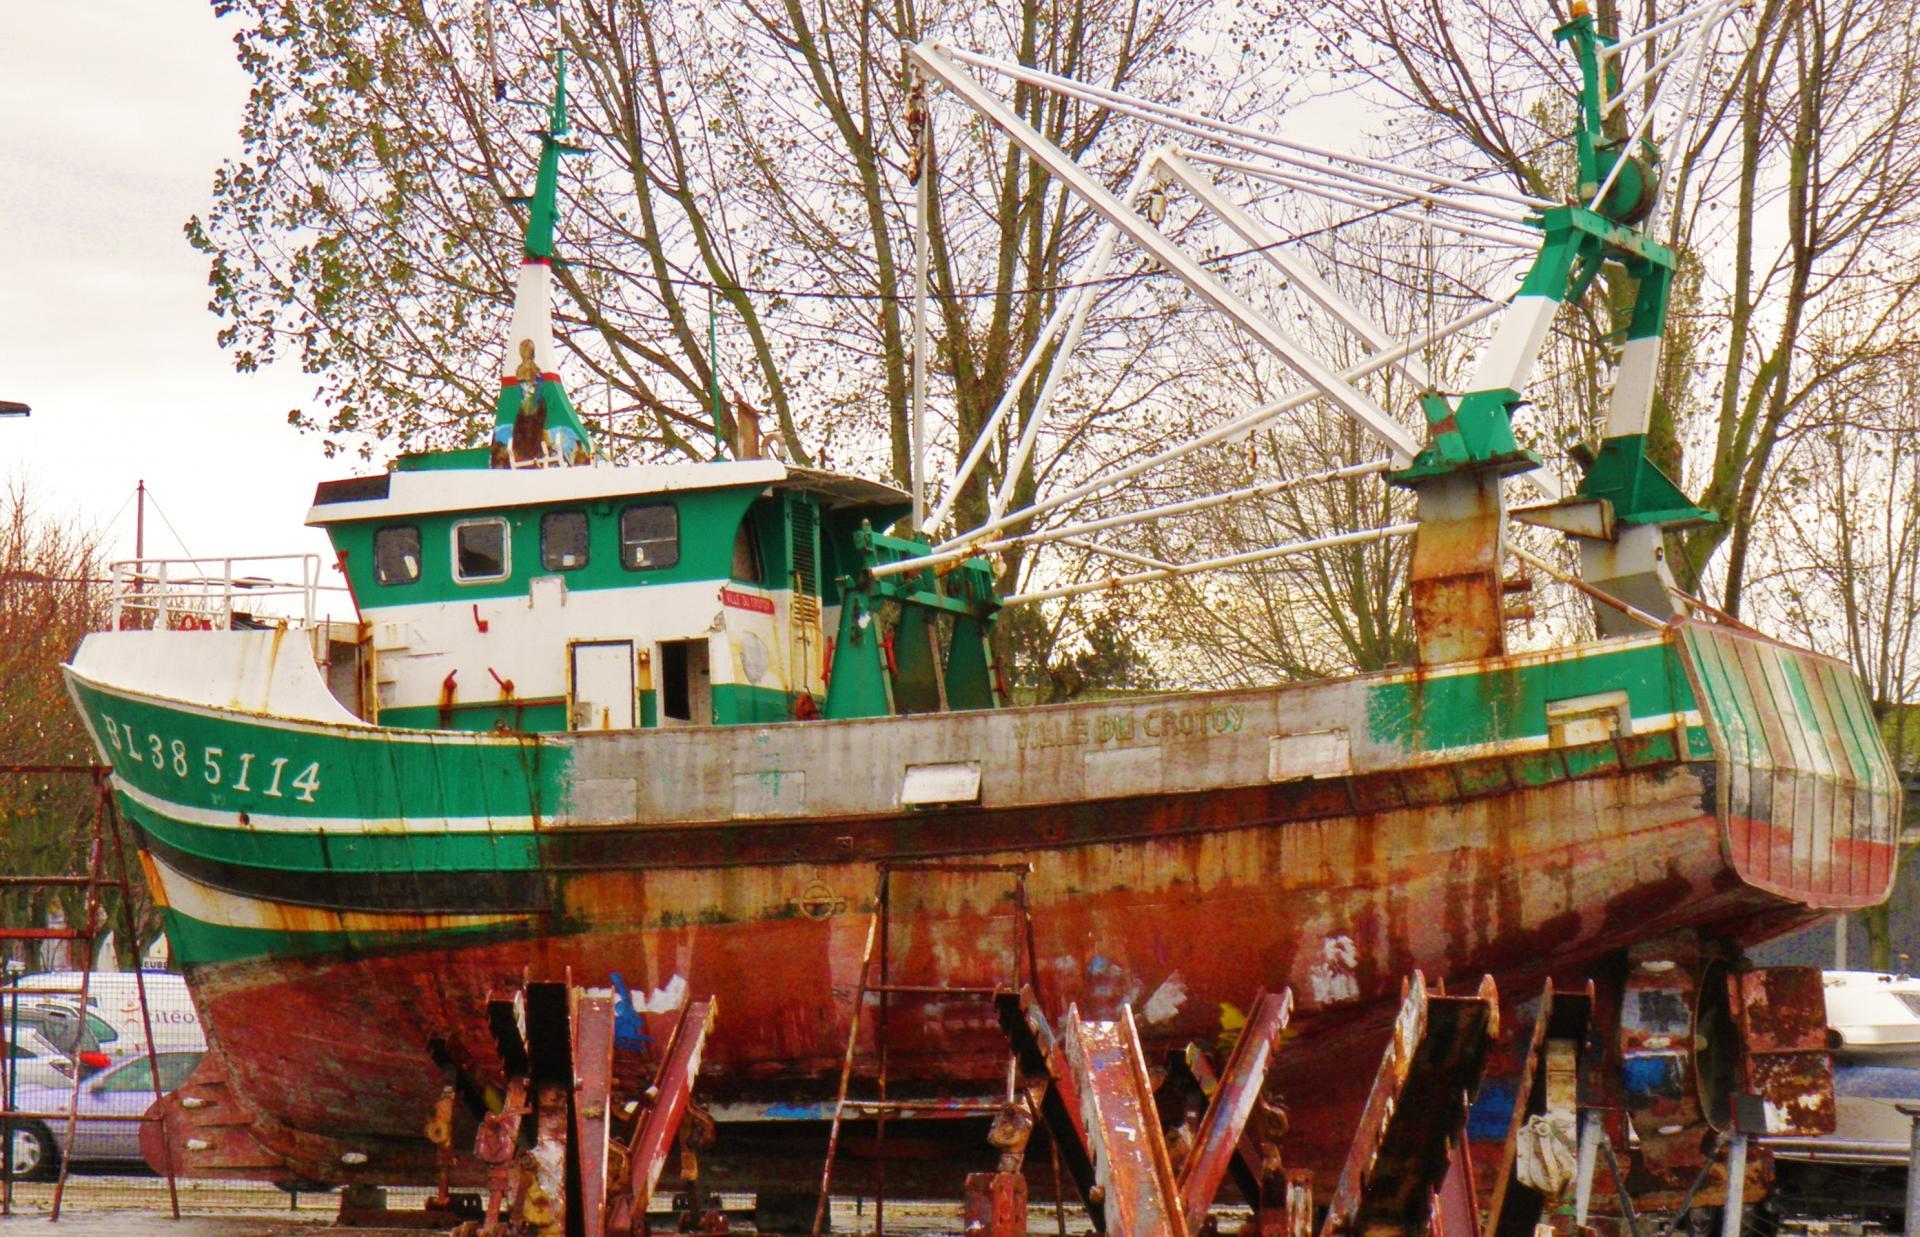 Etaples bateau de pêche